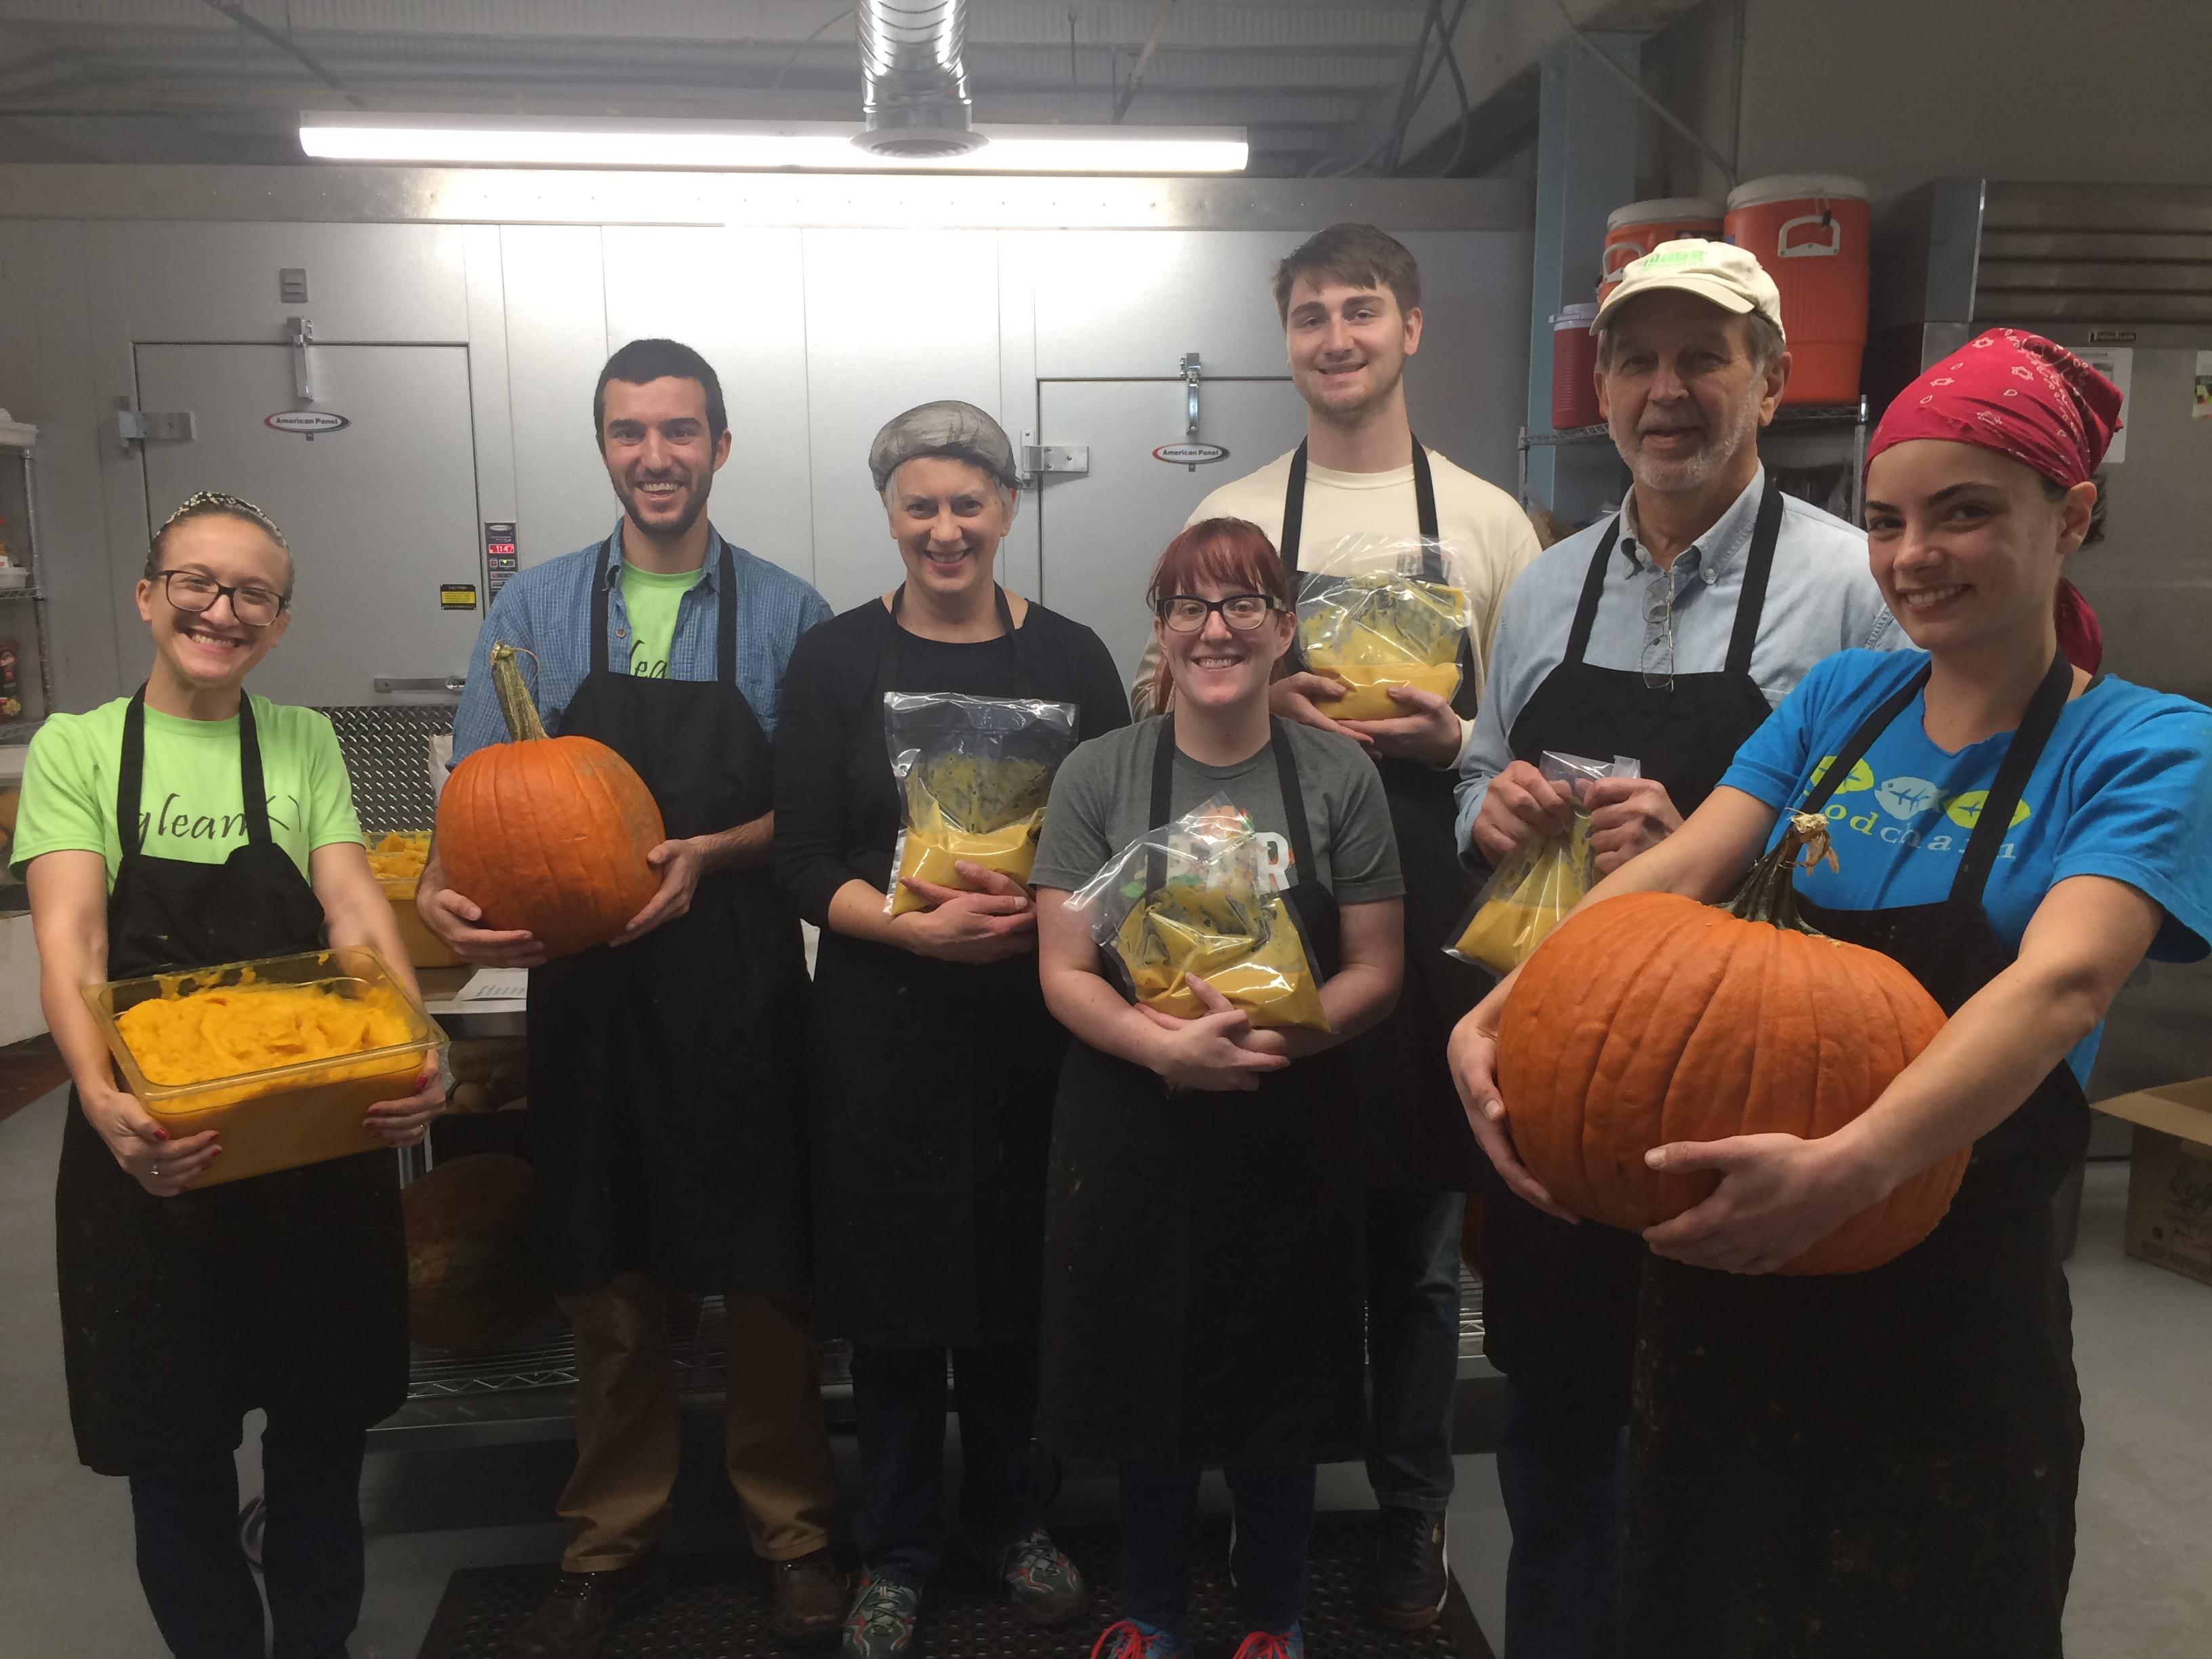 4th Annual Pumpkin Pie Party